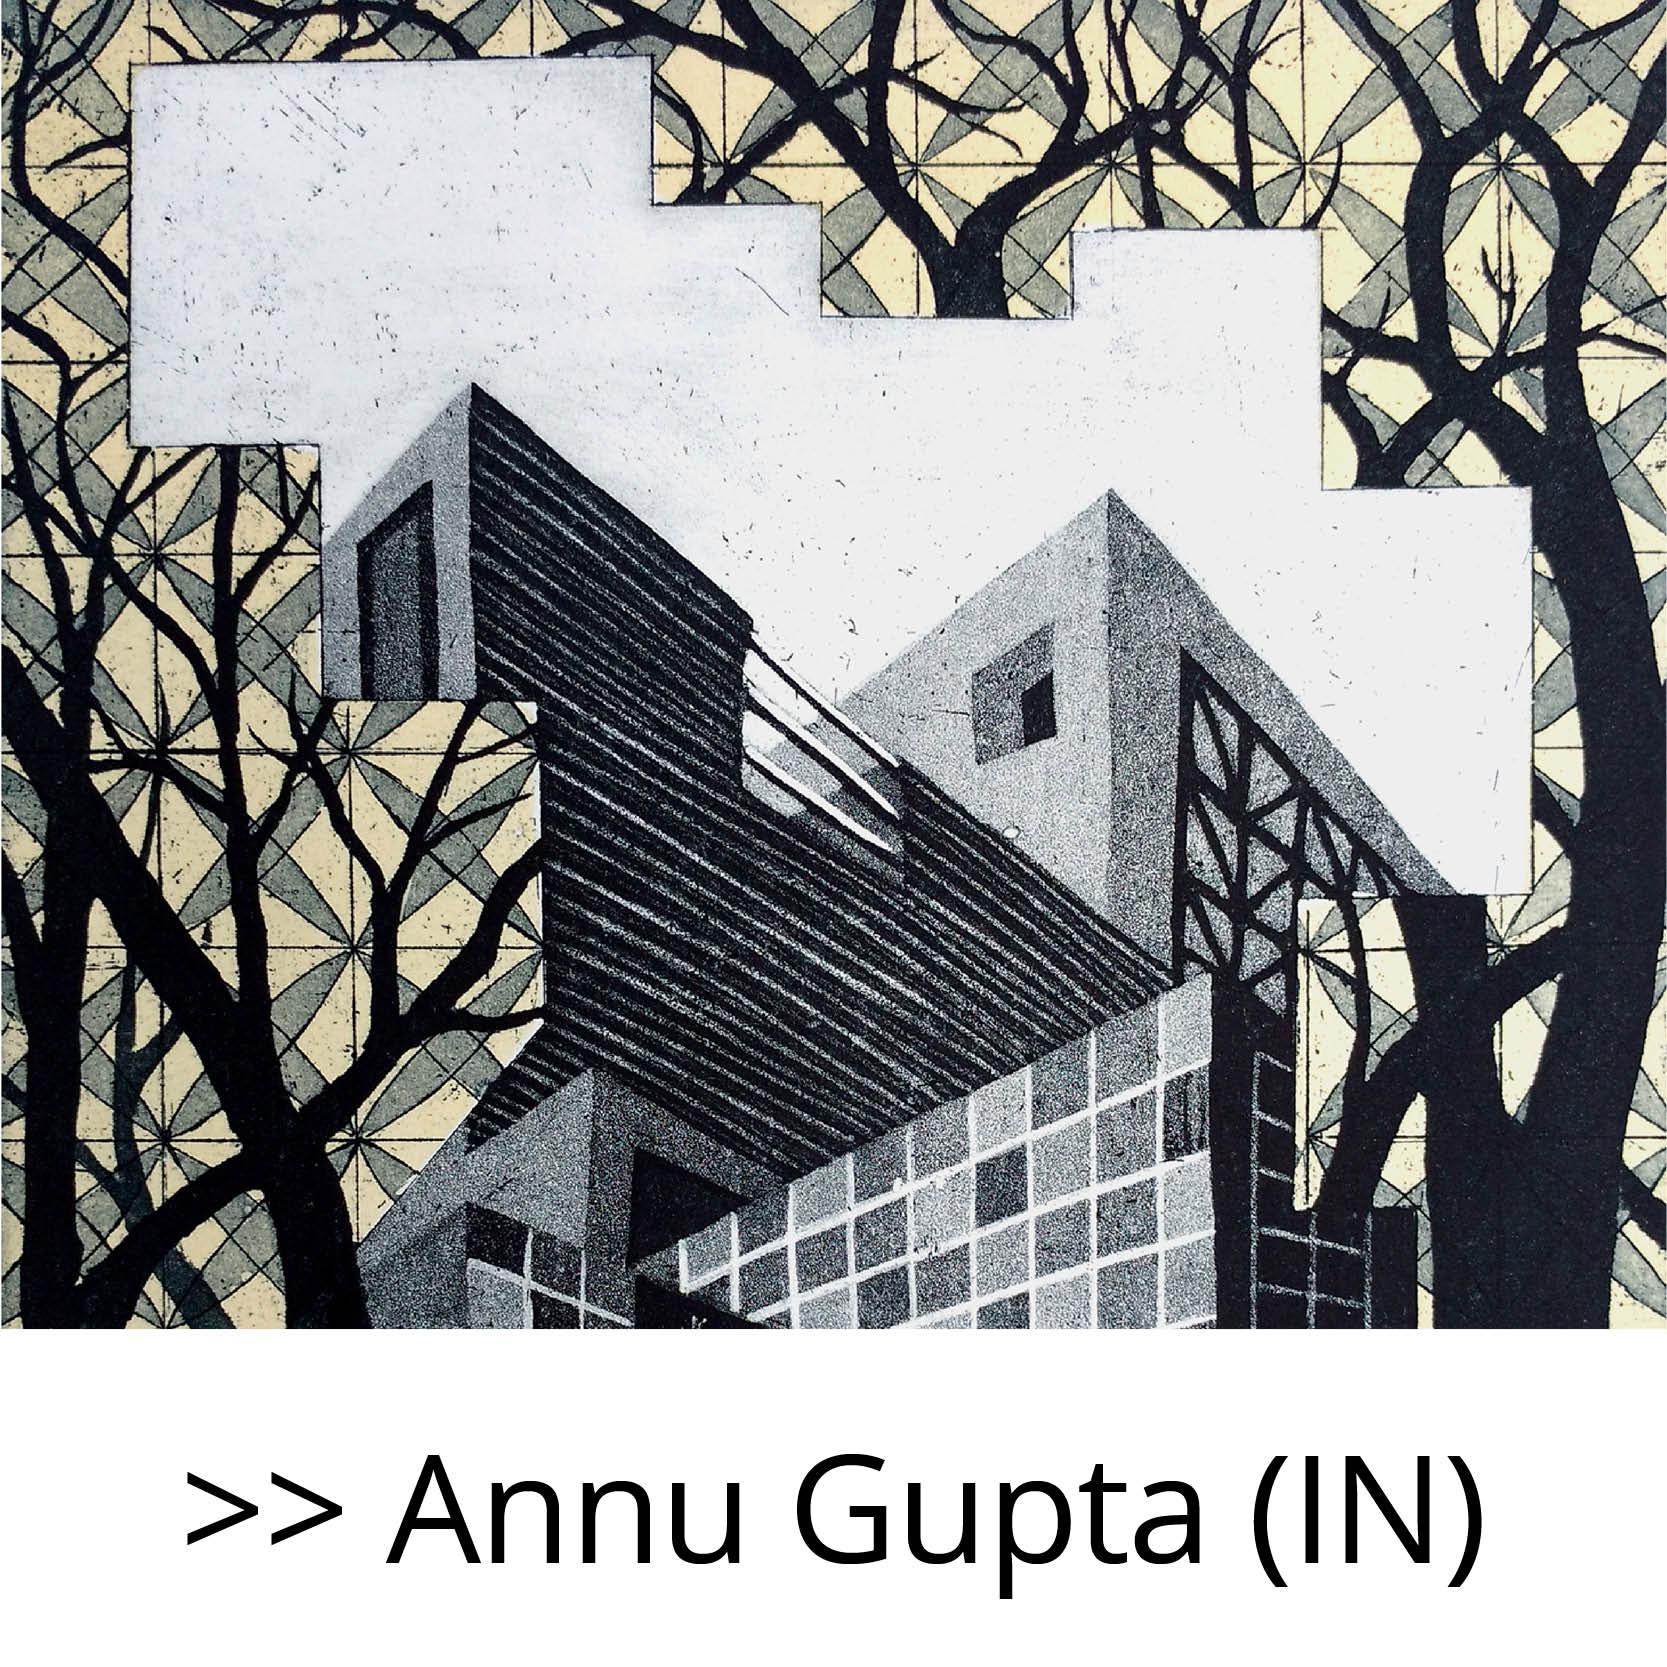 Annu_Gupta_(IN)